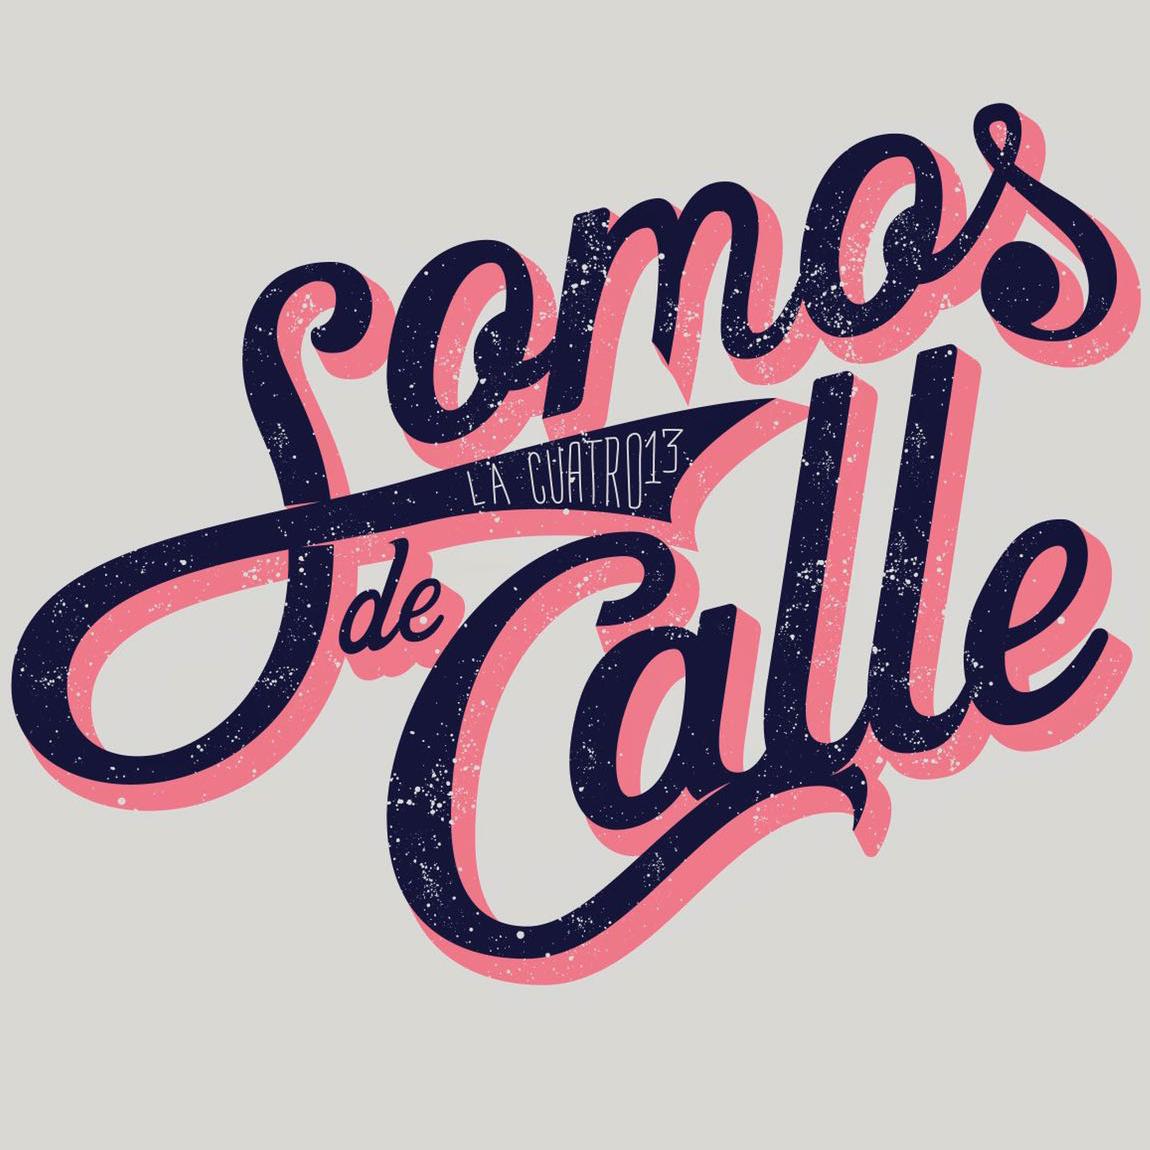 SOMOS DE CALLE